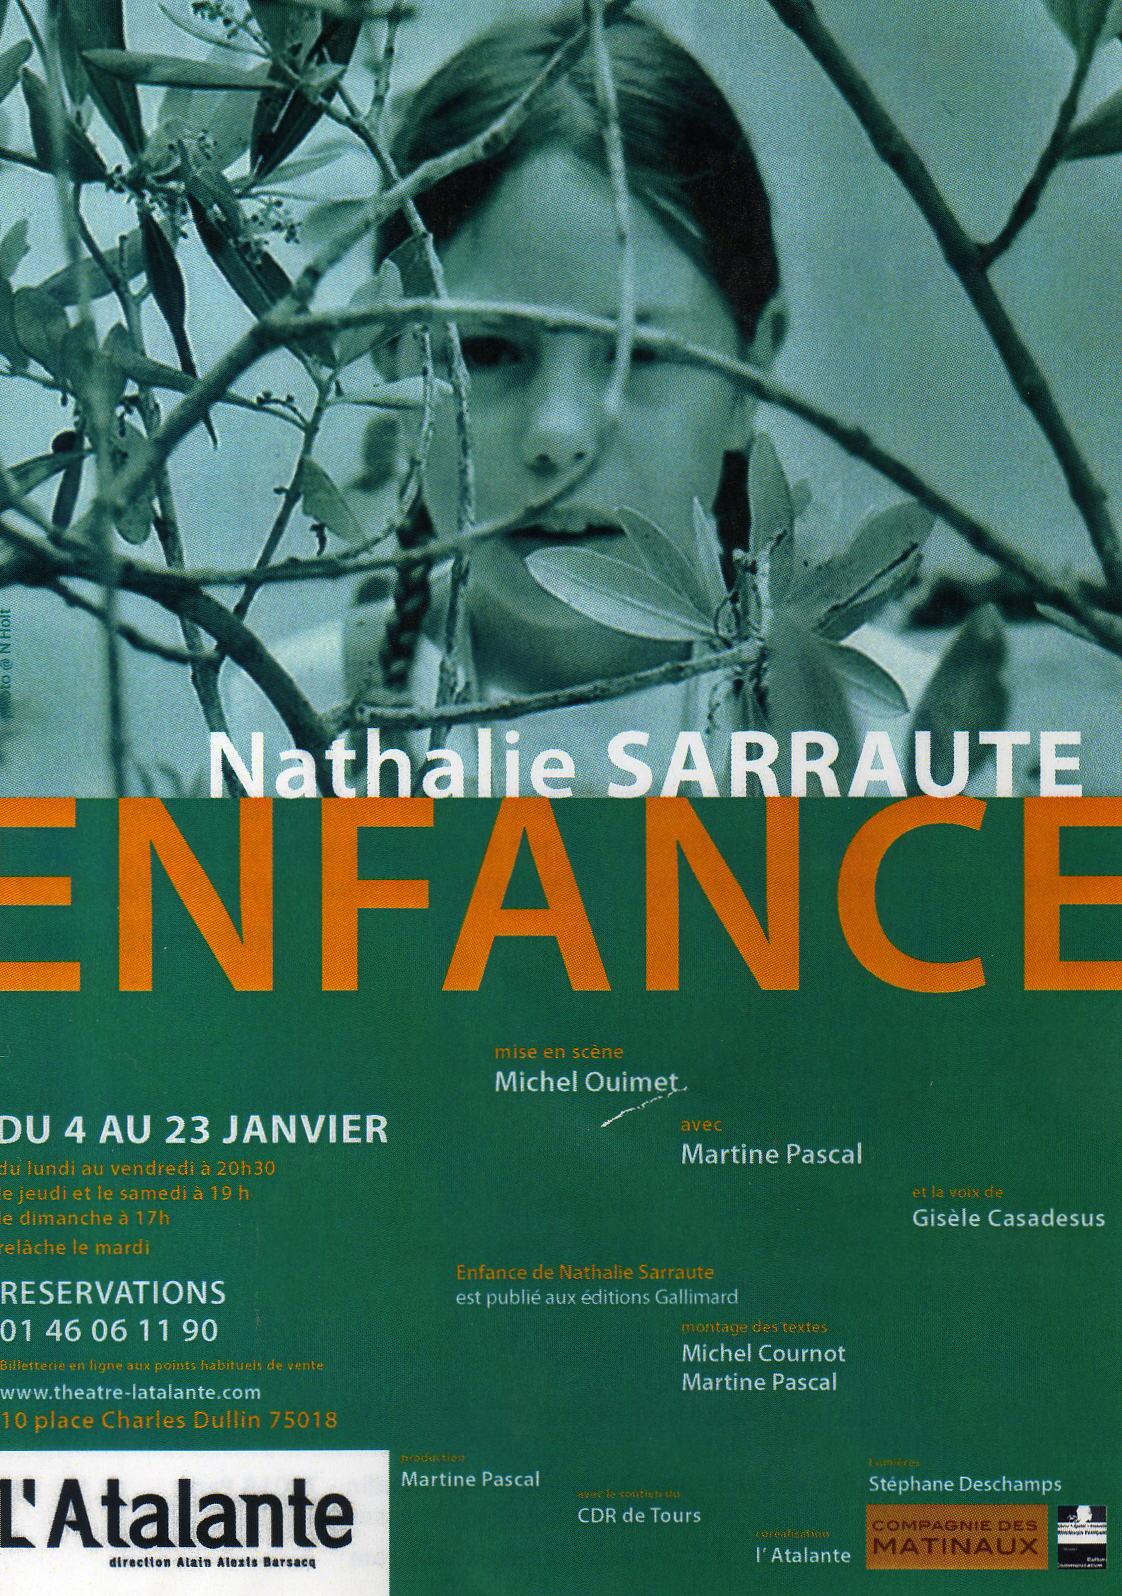 Nathalie sarraute childhood online jon renau wigs online